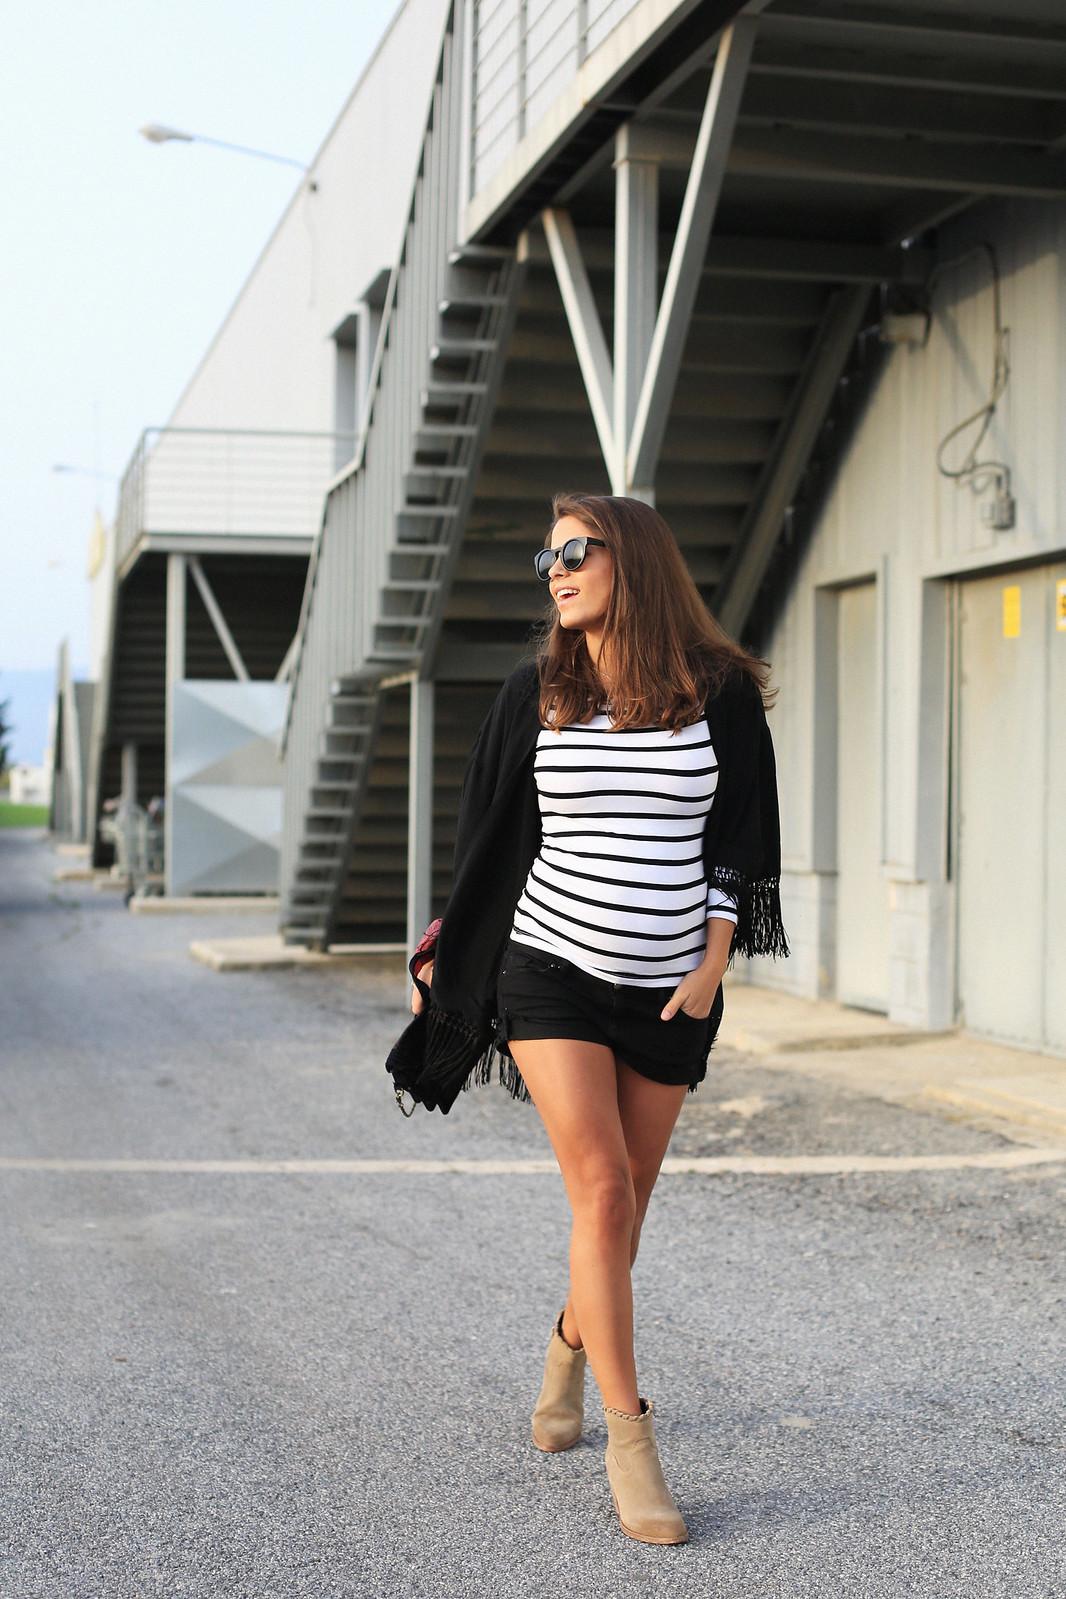 jessie_chanes_seams_for_a_desire_black_kimono_striped_top_off_shoulders_10